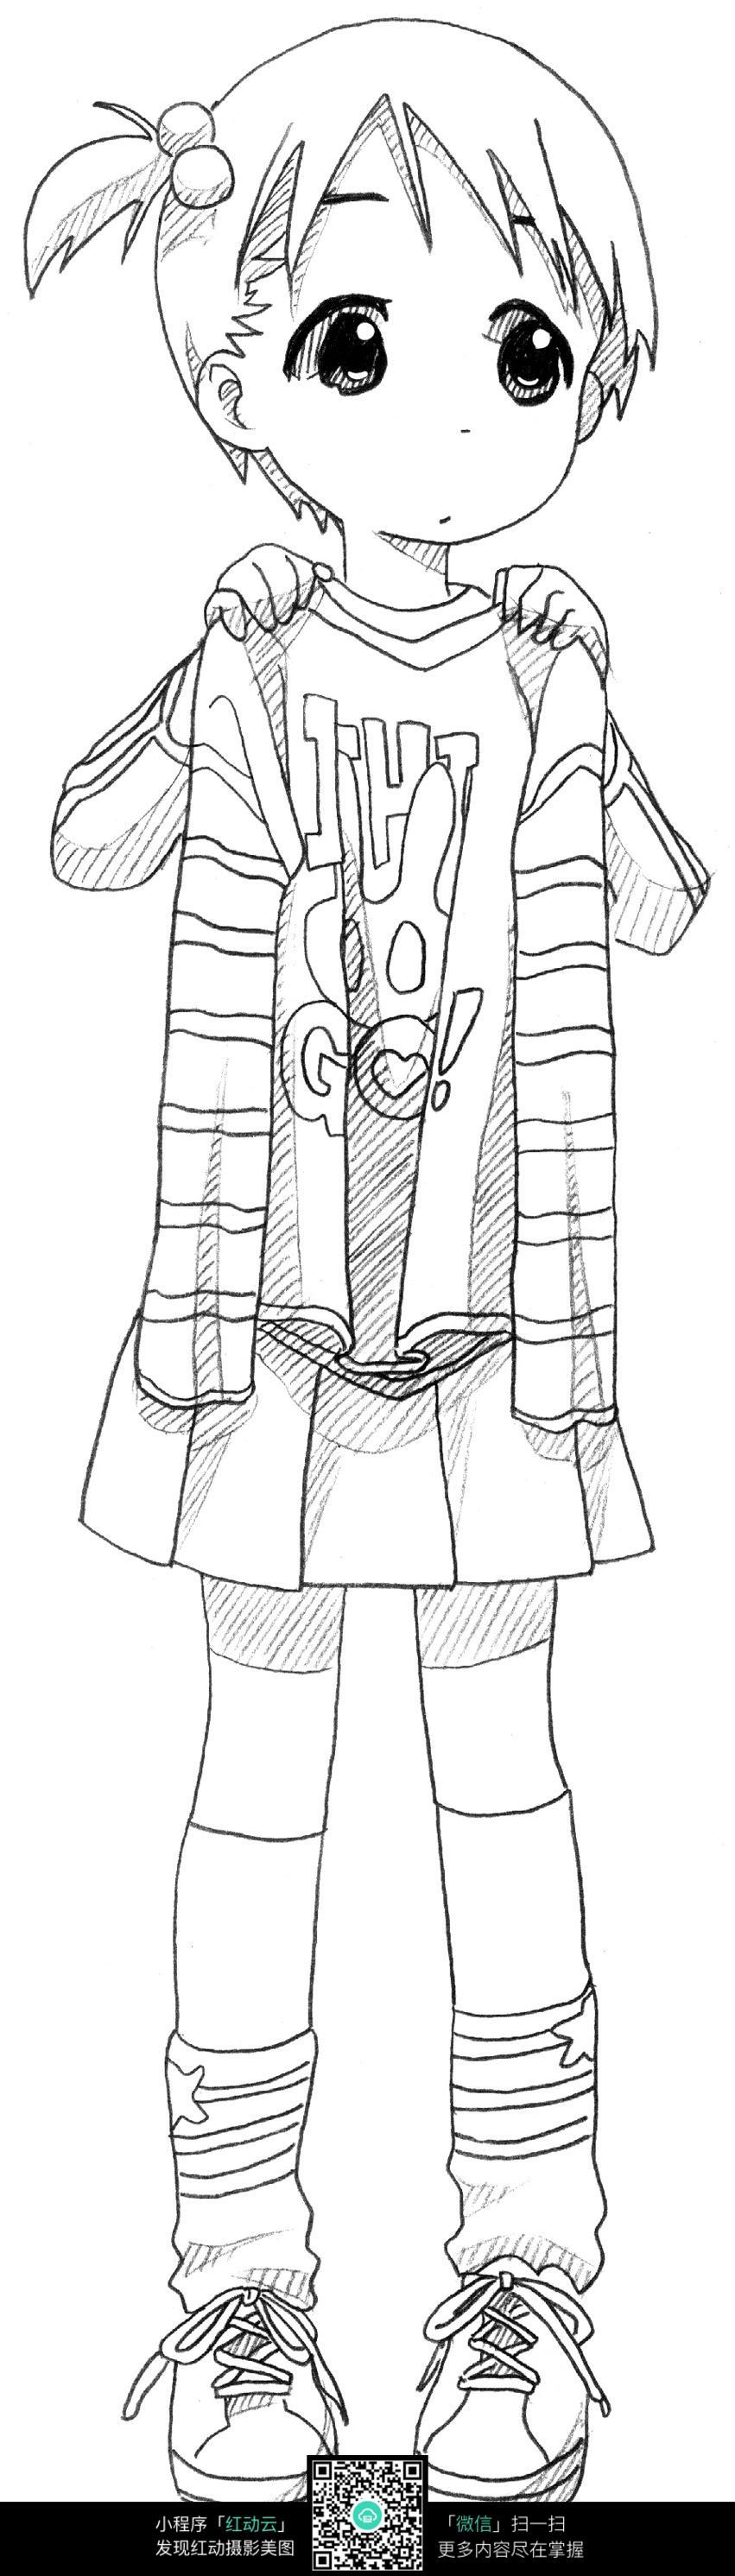 小孩卡通手绘线稿